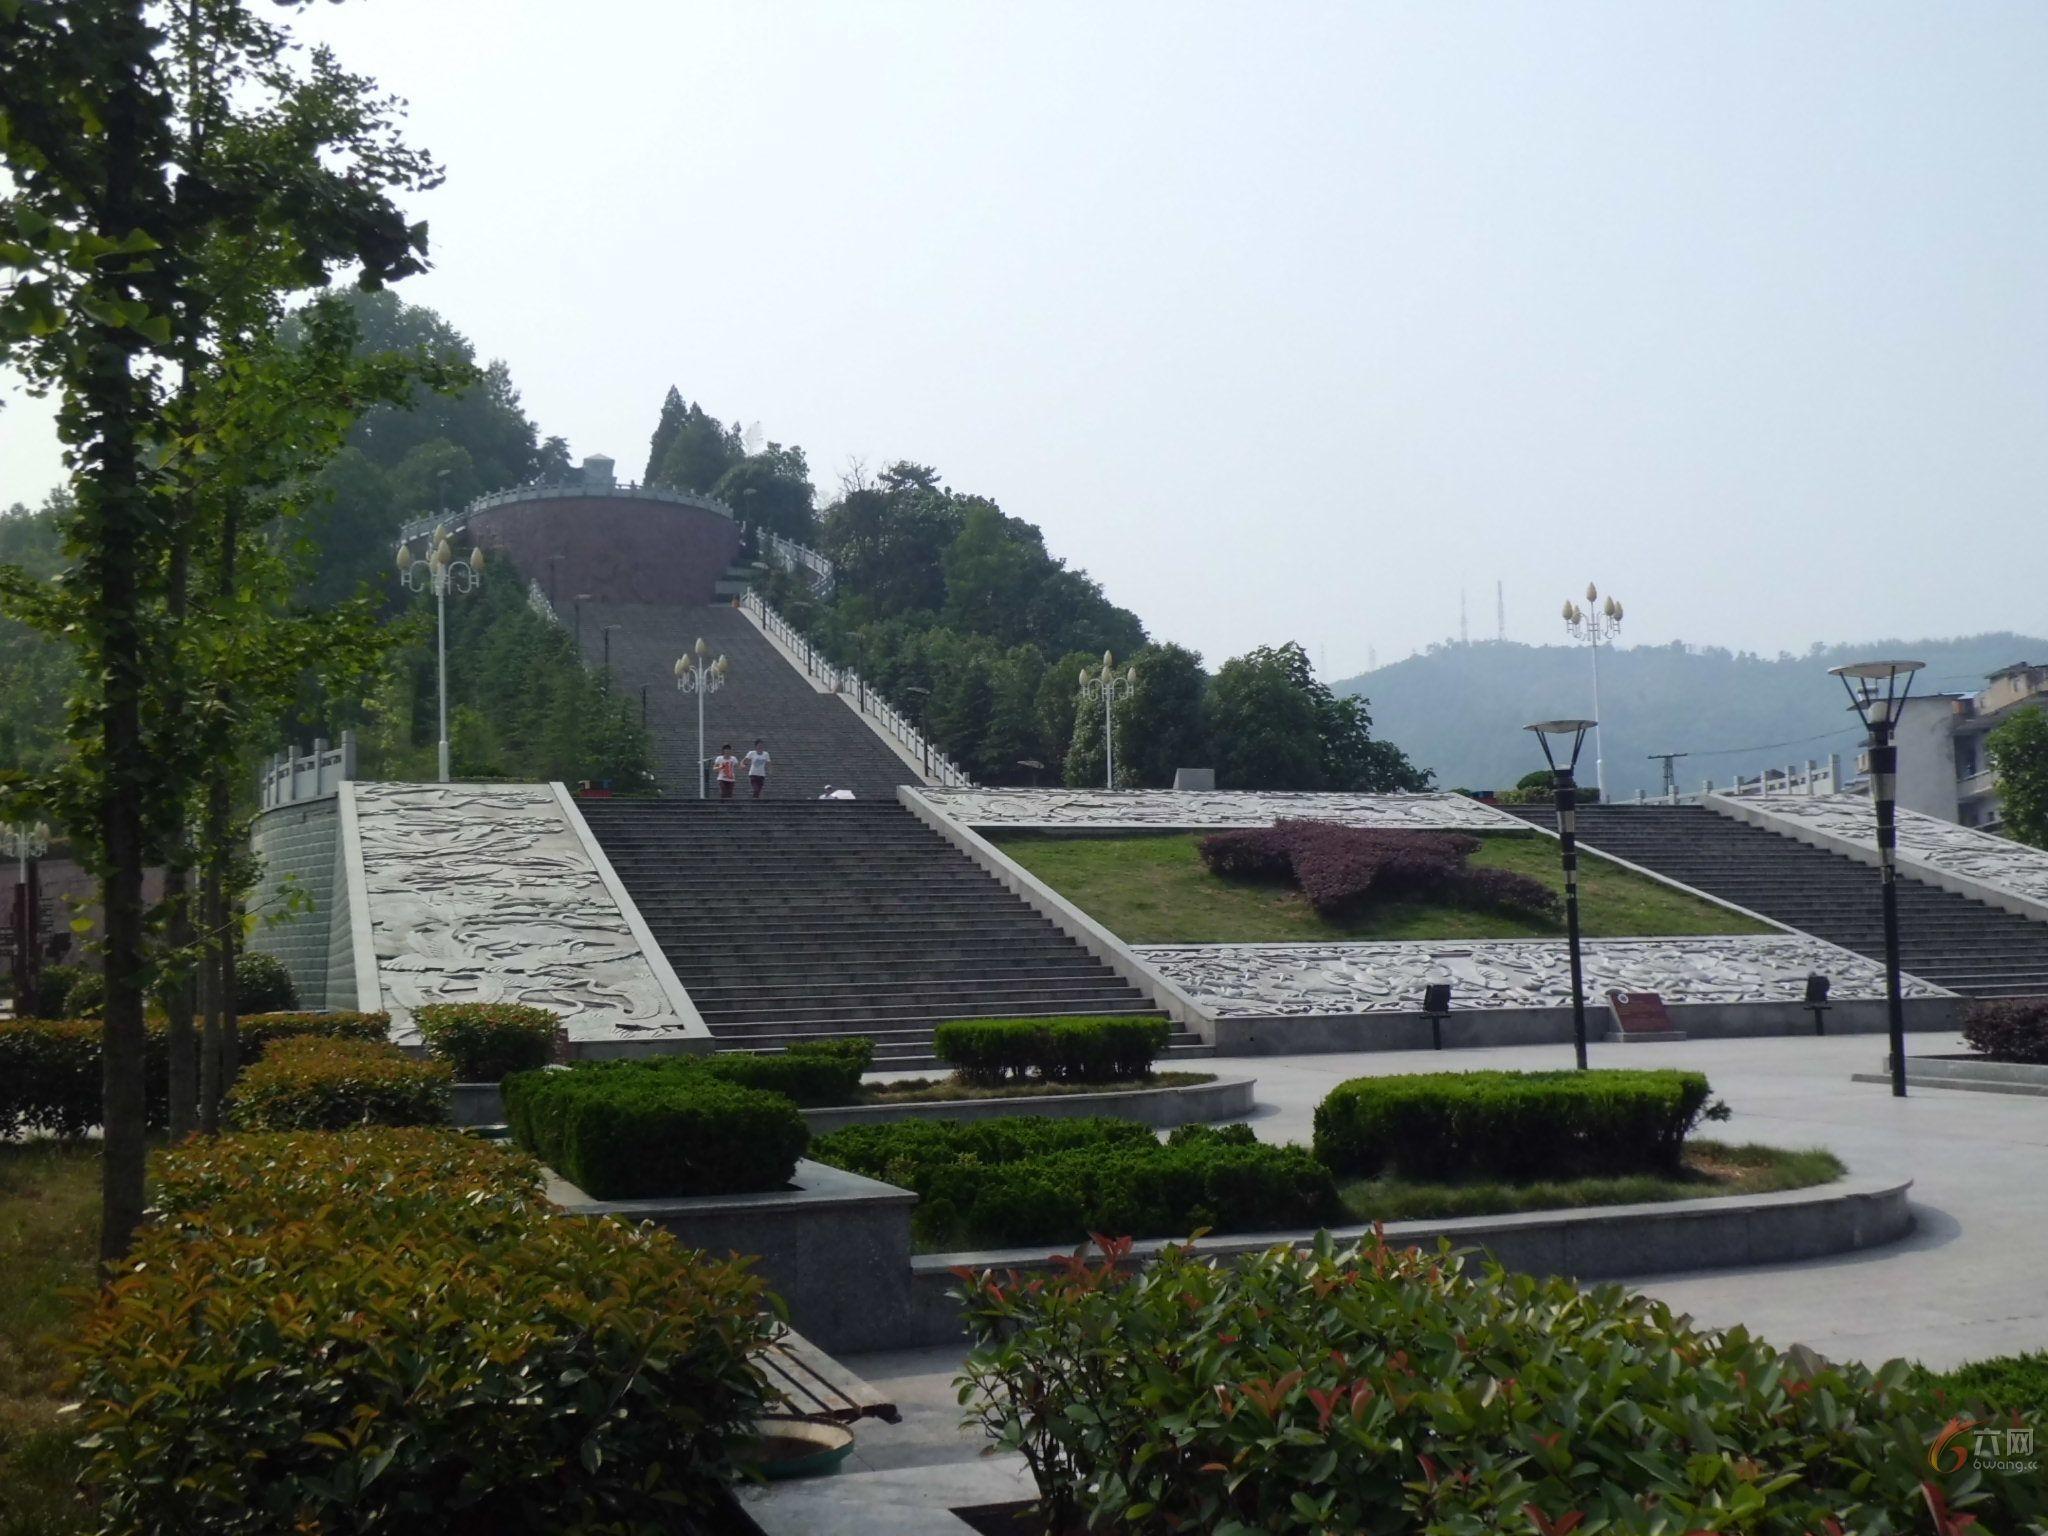 金寨县红军广场建设面积1.9万平方米.